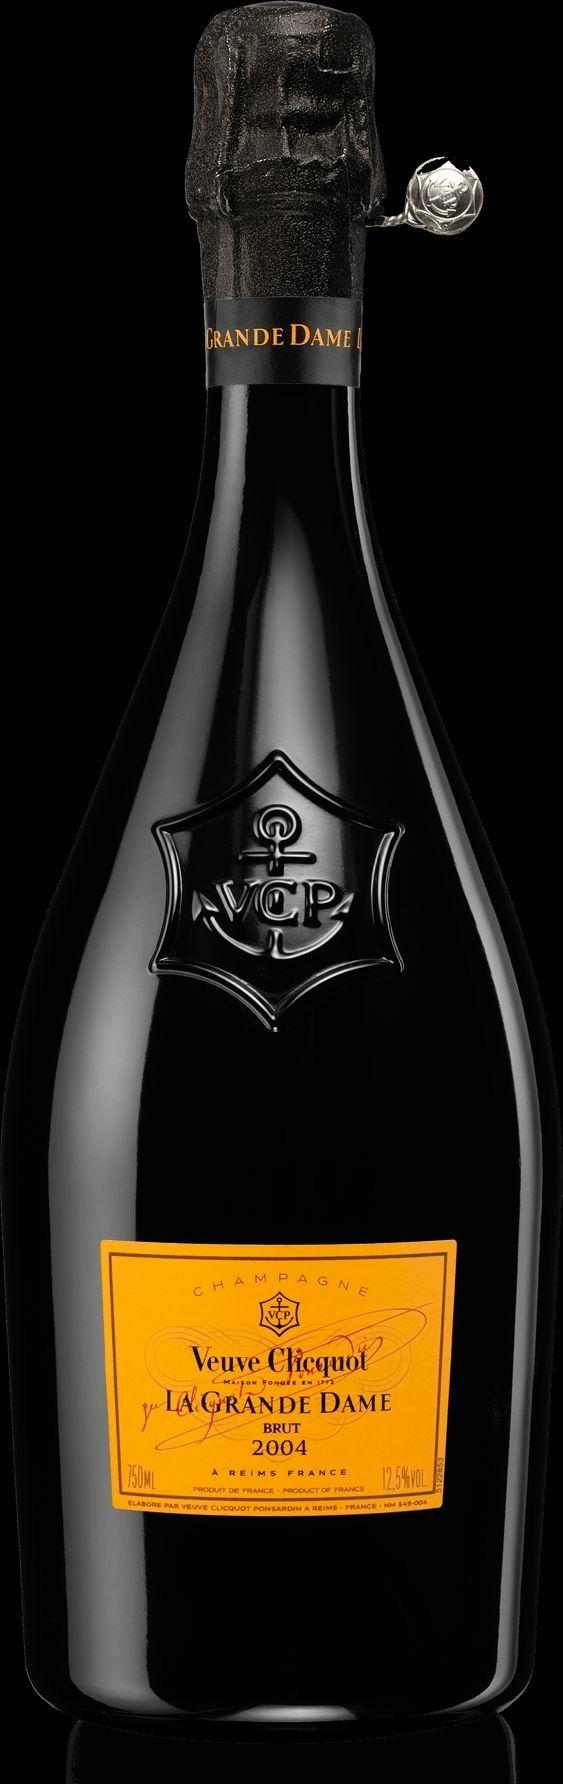 Champagne Veuve Clicquot : La Grande Dame 2004